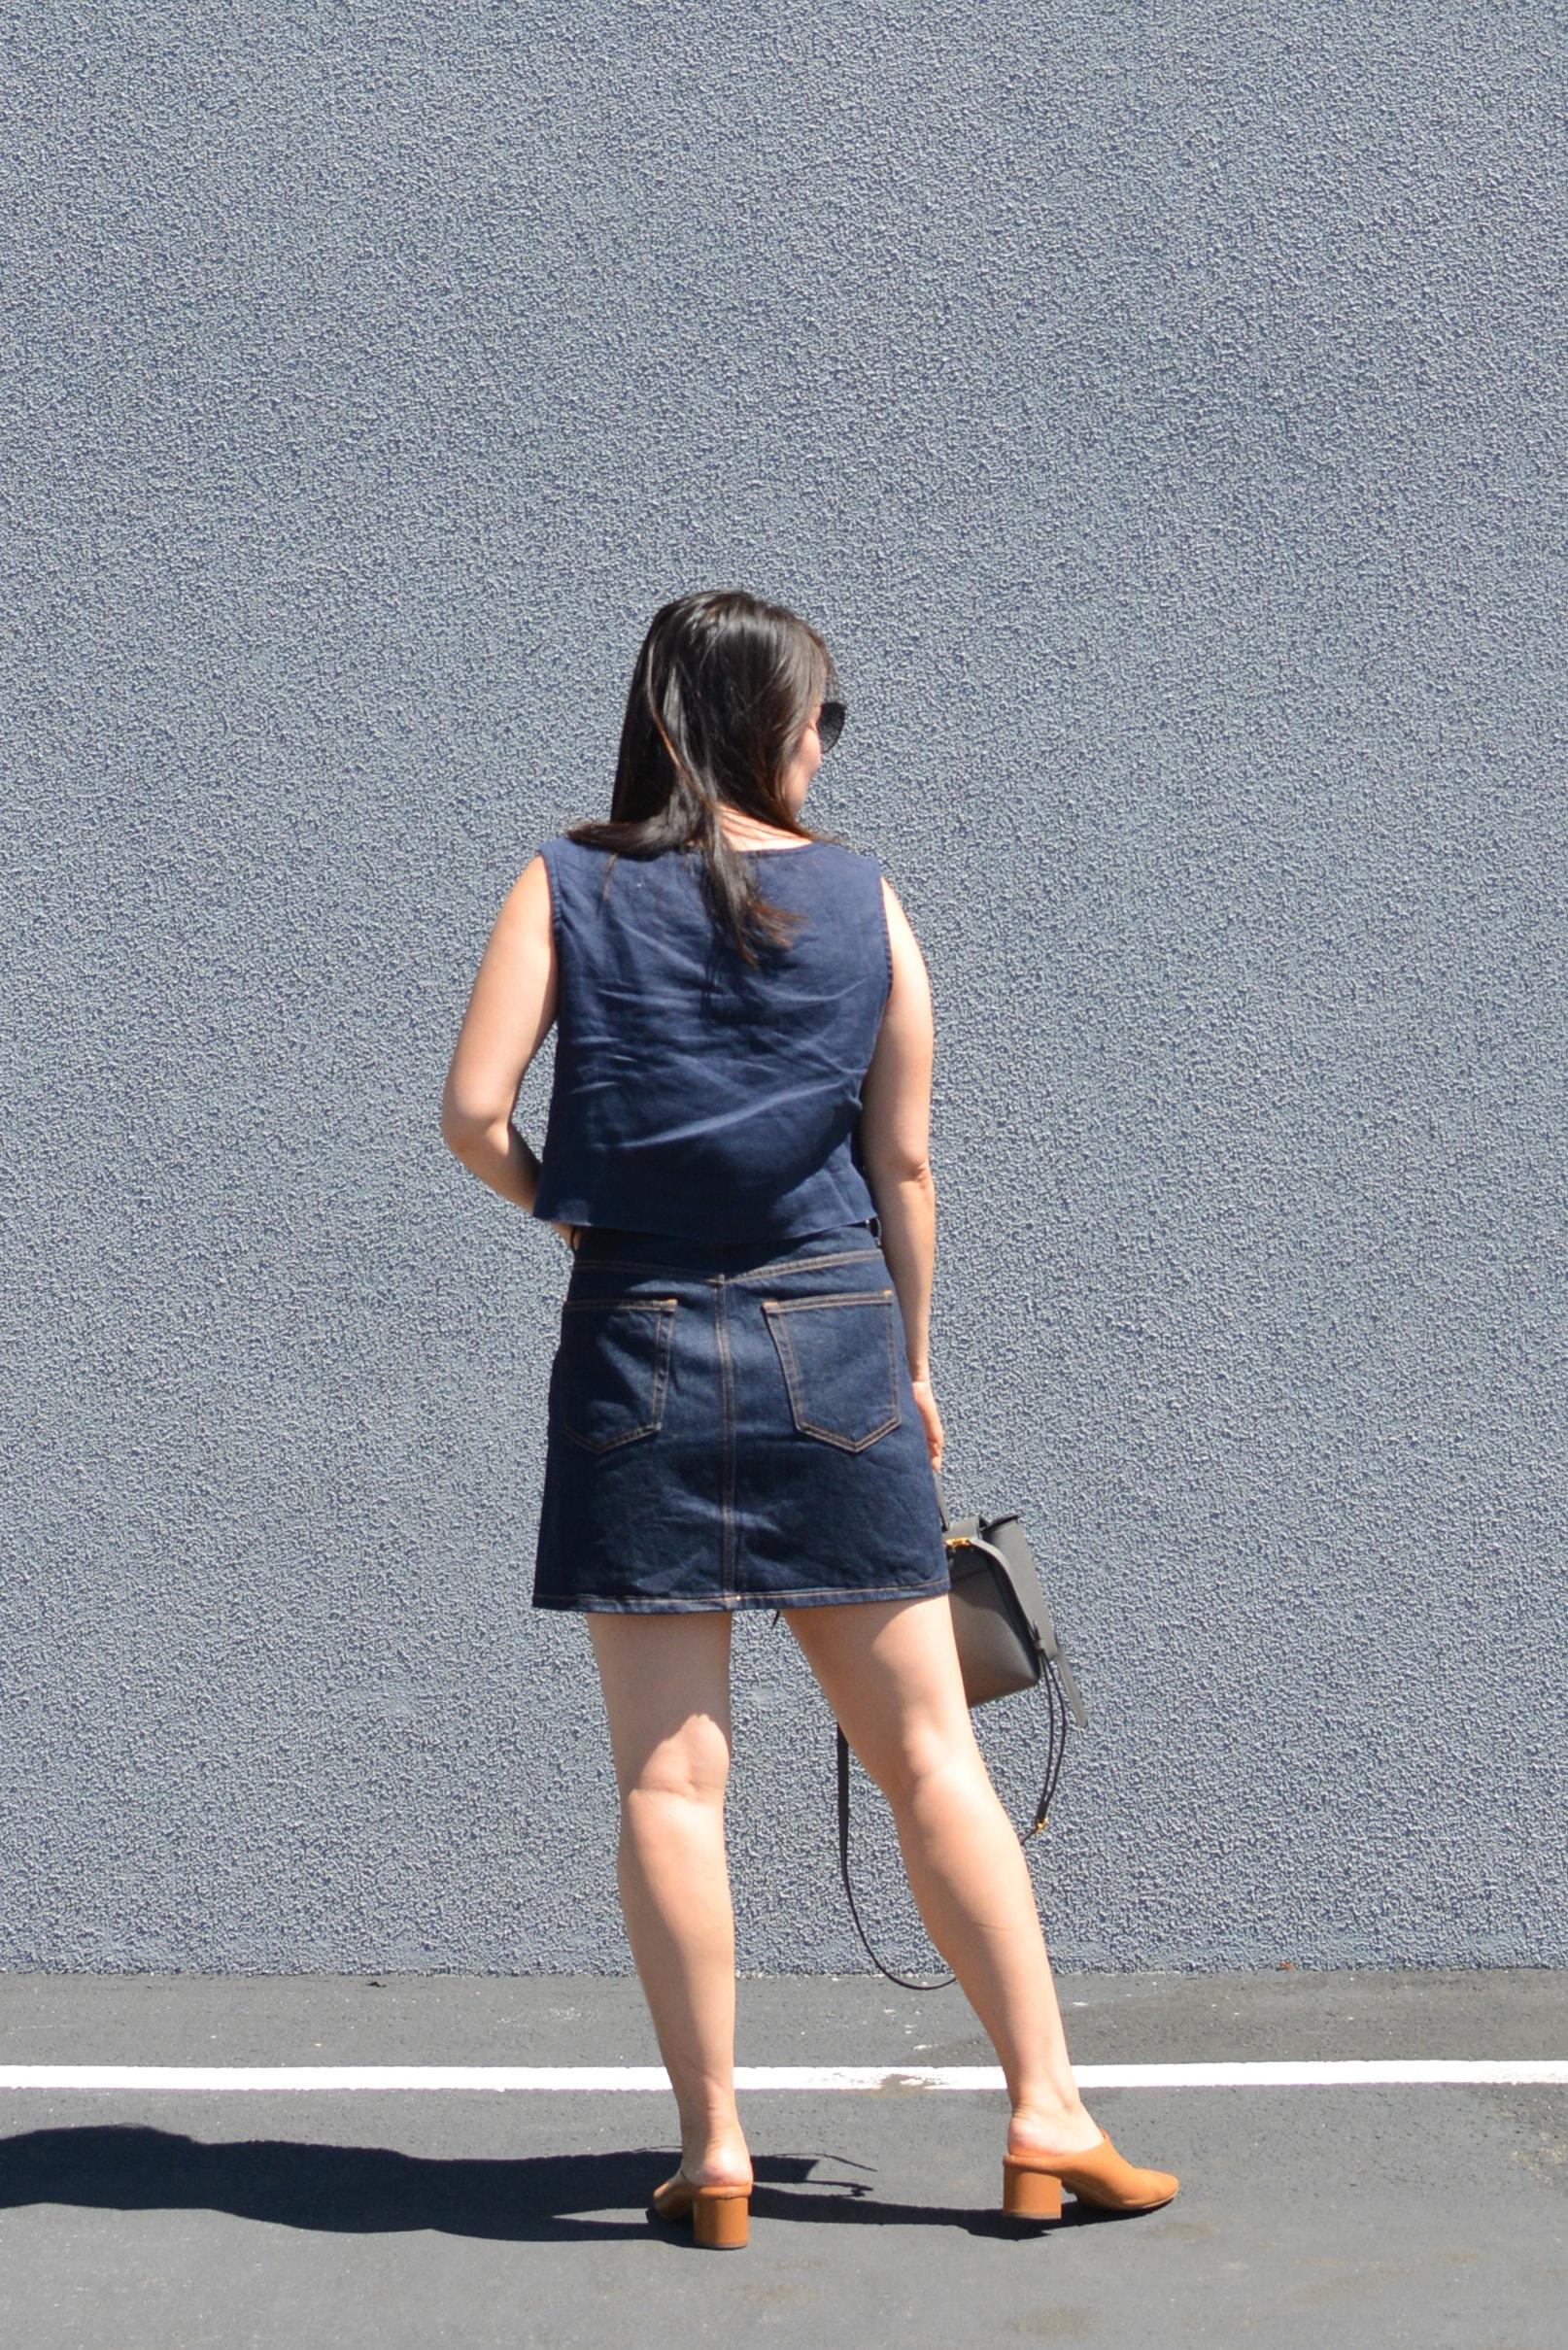 Everlane Review The Denim Skirt (3 of 3)-min.jpg